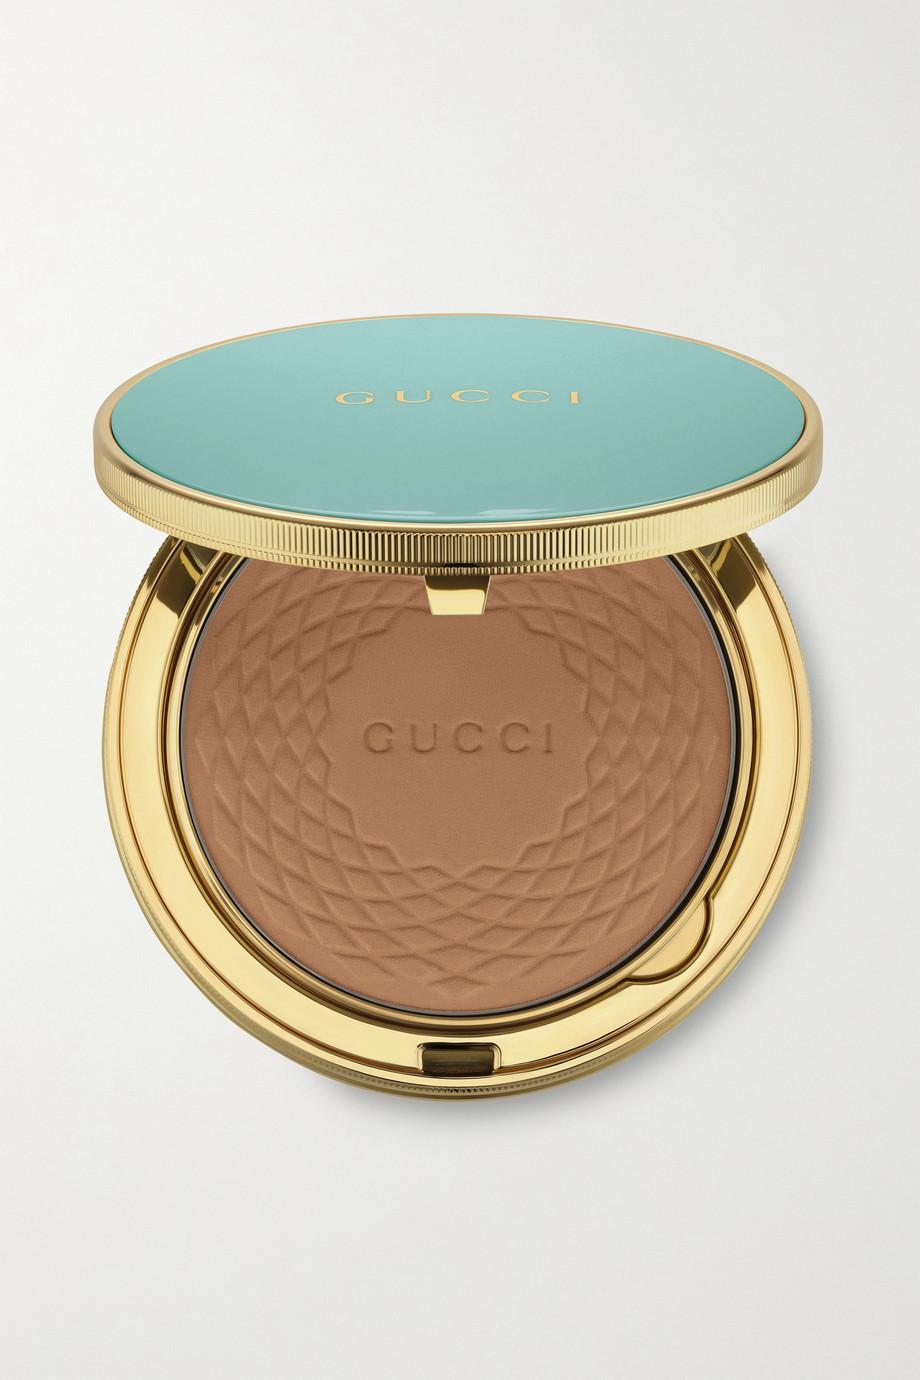 Gucci Beauty Poudre De Beauté Éclat Soleil - 03